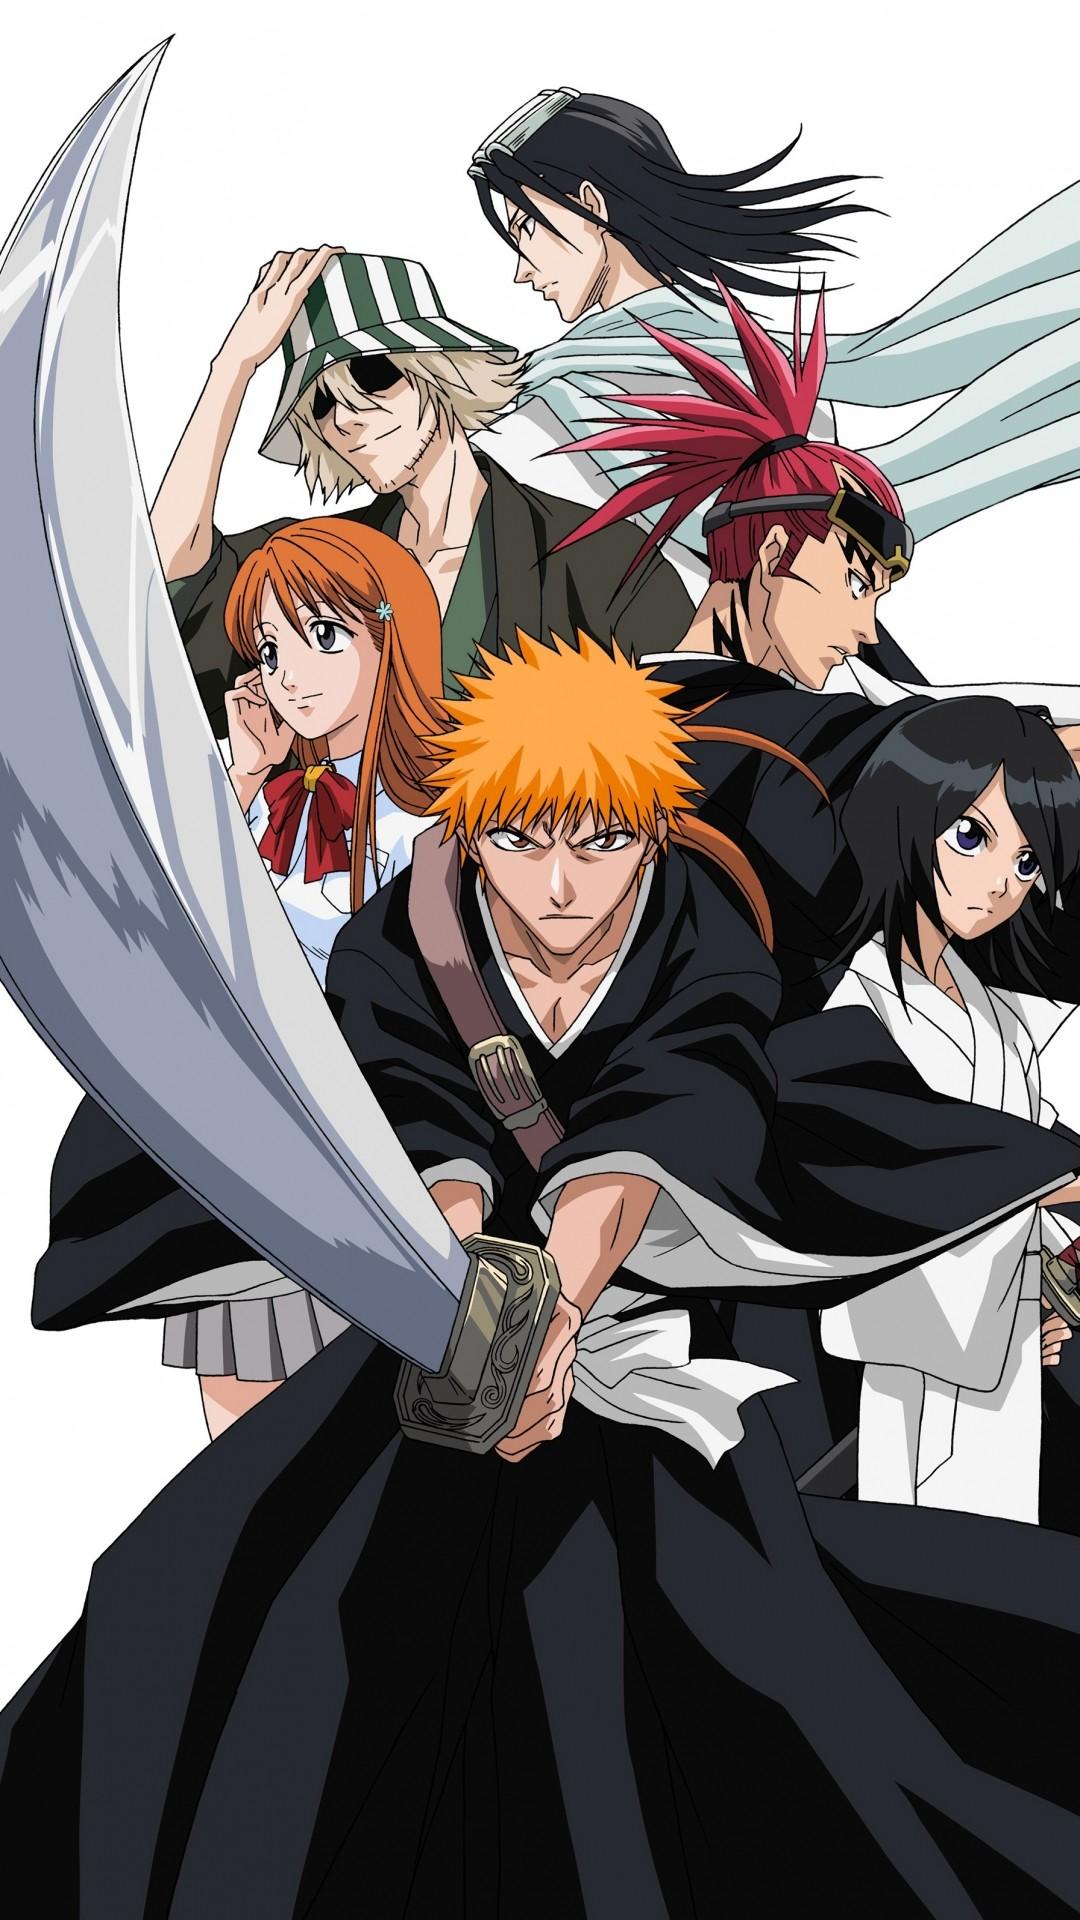 Image Result For Bleach Anime K Wallpapera